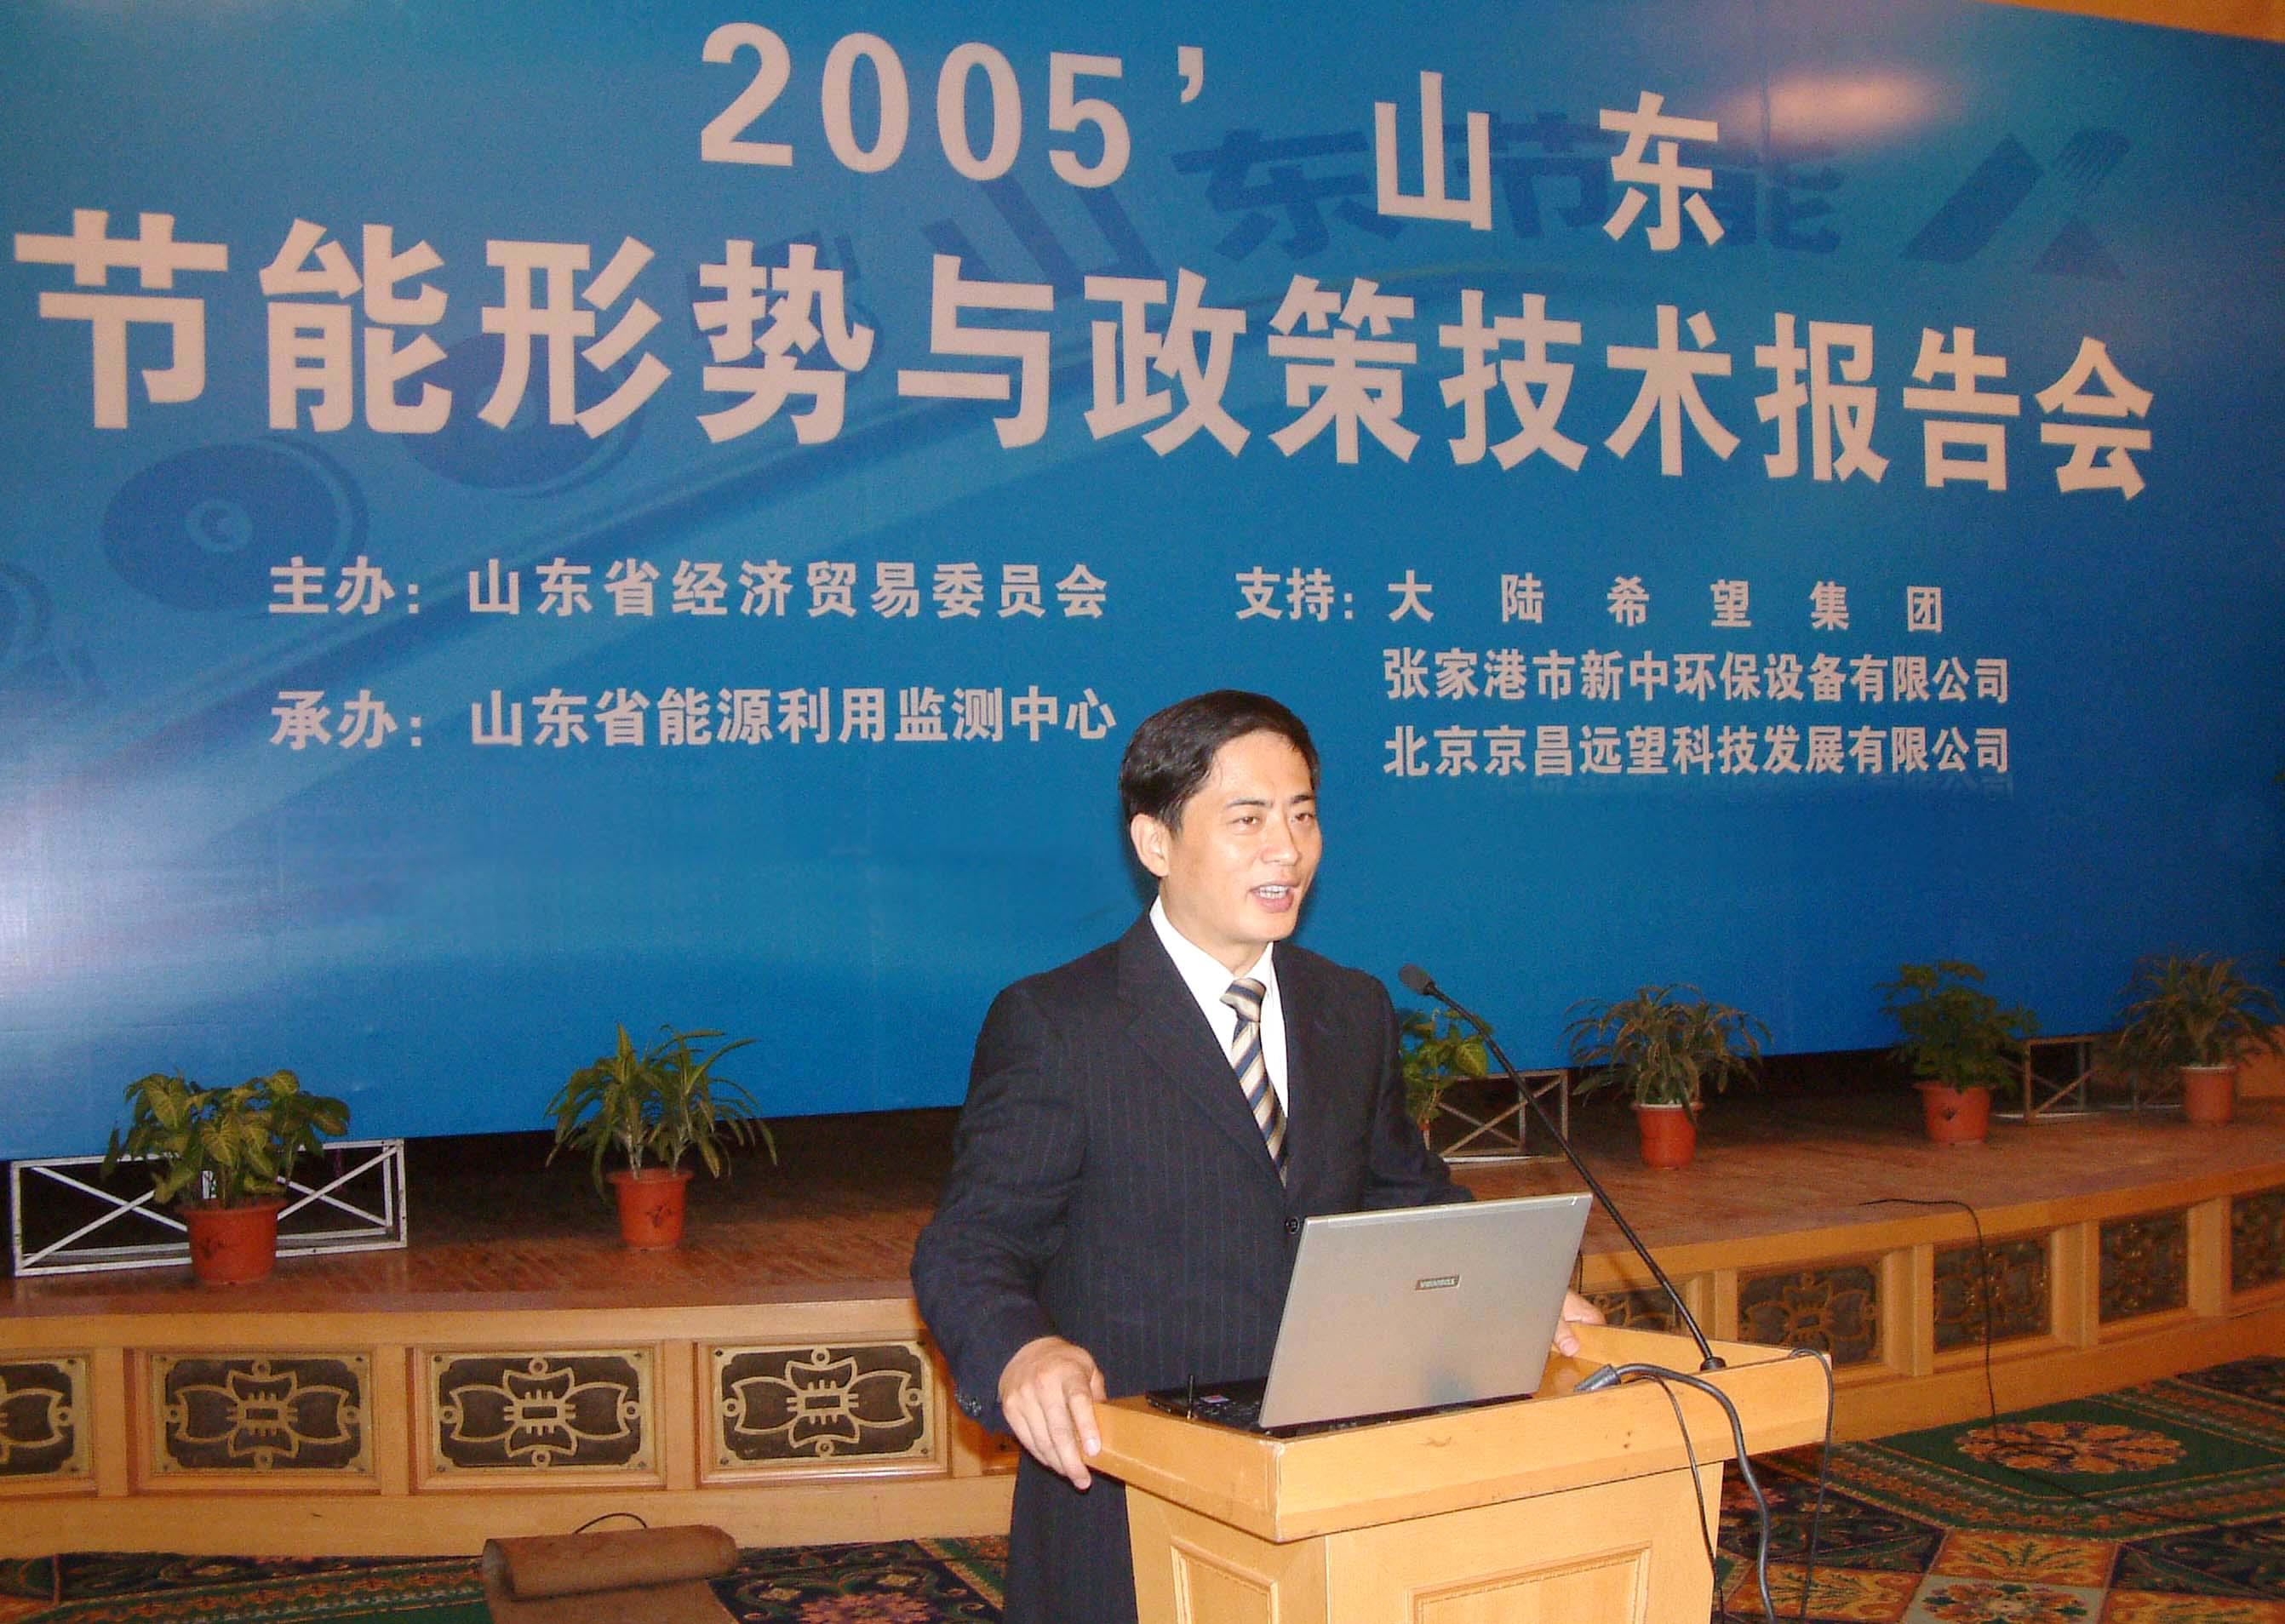 2005年陳斌總裁在山東作技術報告